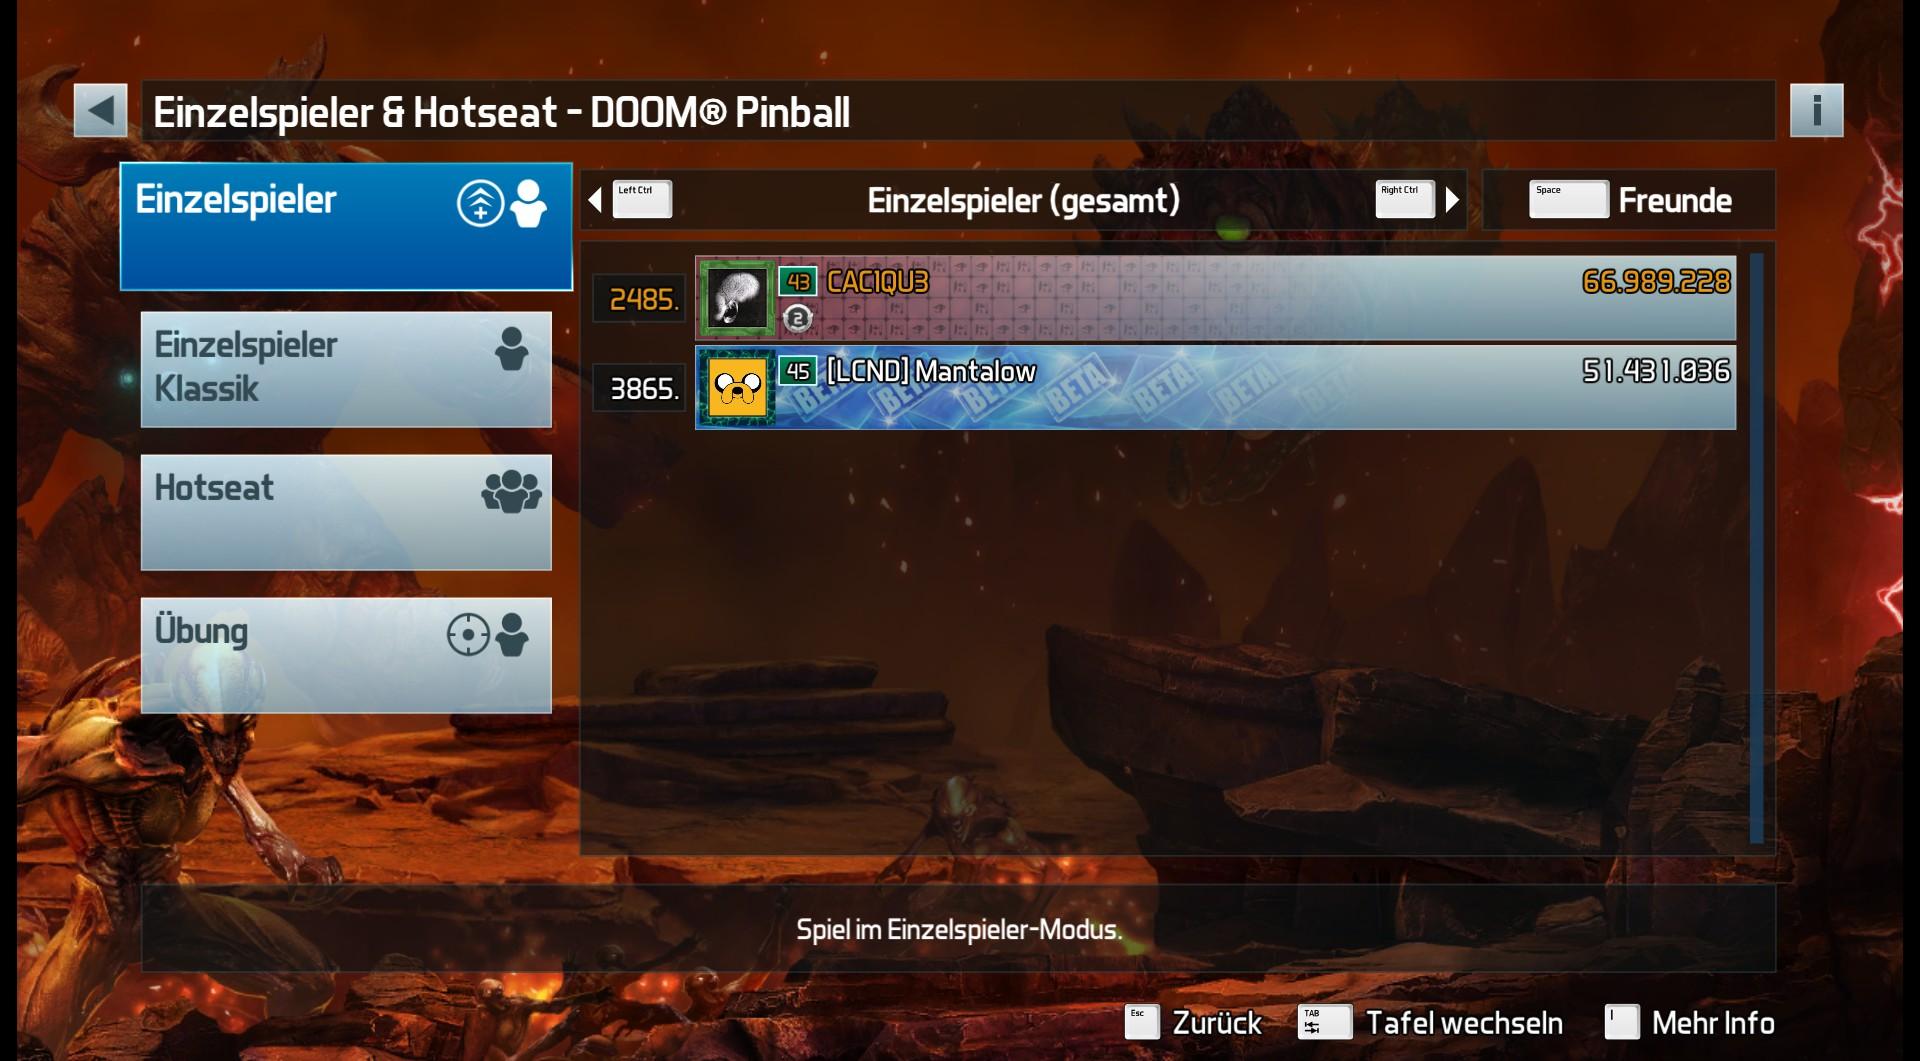 CAC1QU3: Pinball FX3: Doom Pinball (PC) 66,989,228 points on 2019-02-23 07:09:42